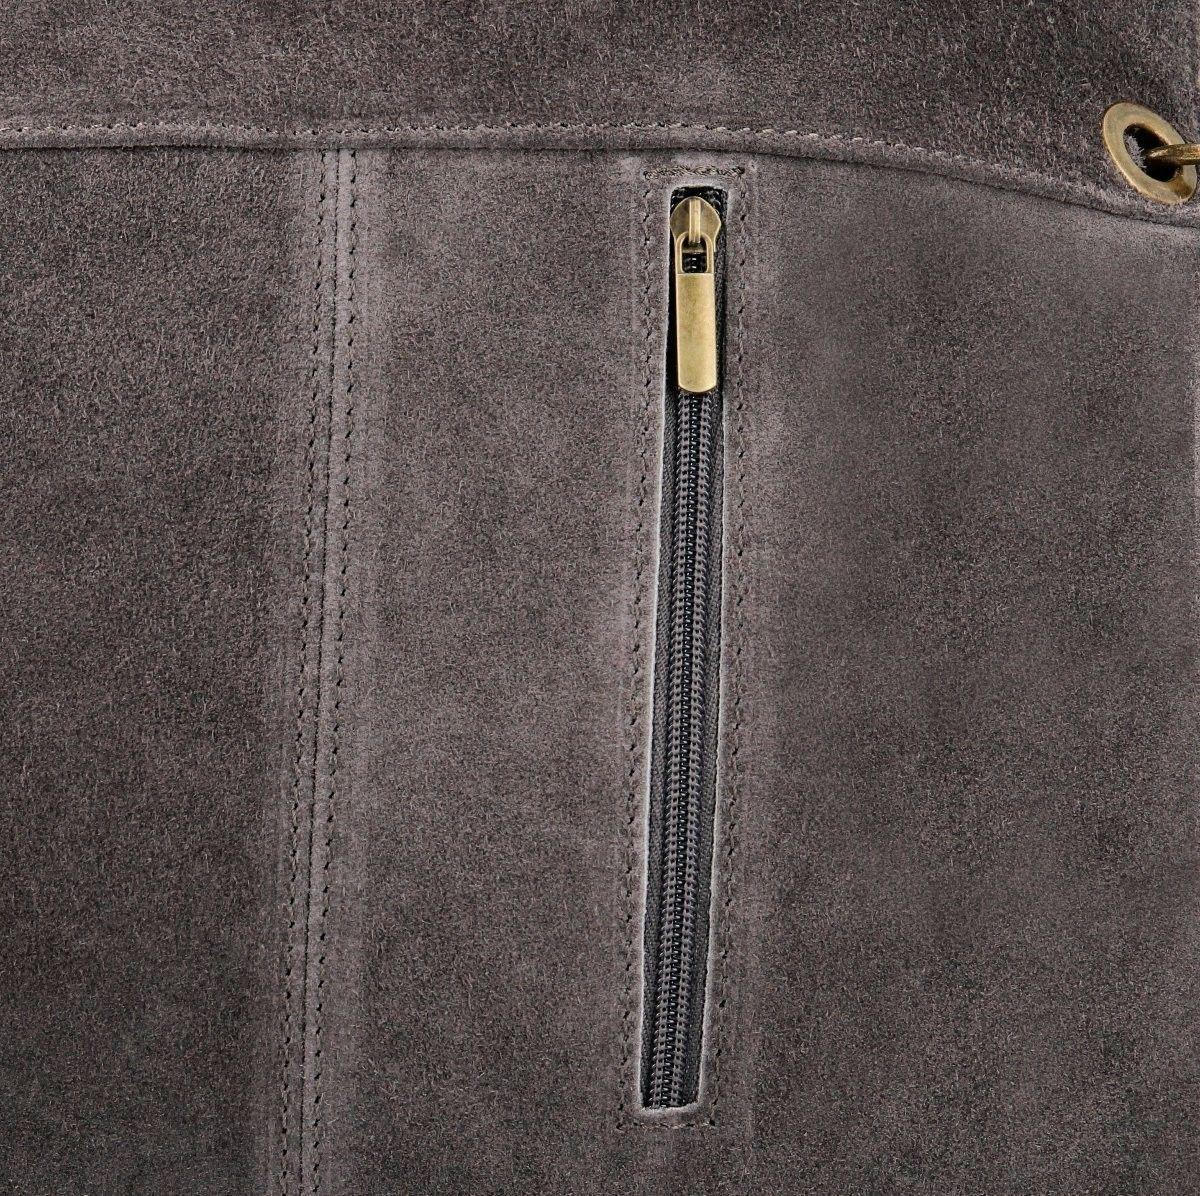 Uniwersalne Torebki Skórzane w rozmiarze XL do noszenia na co dzień firmy Vittoria Gotti Szara (kolory)